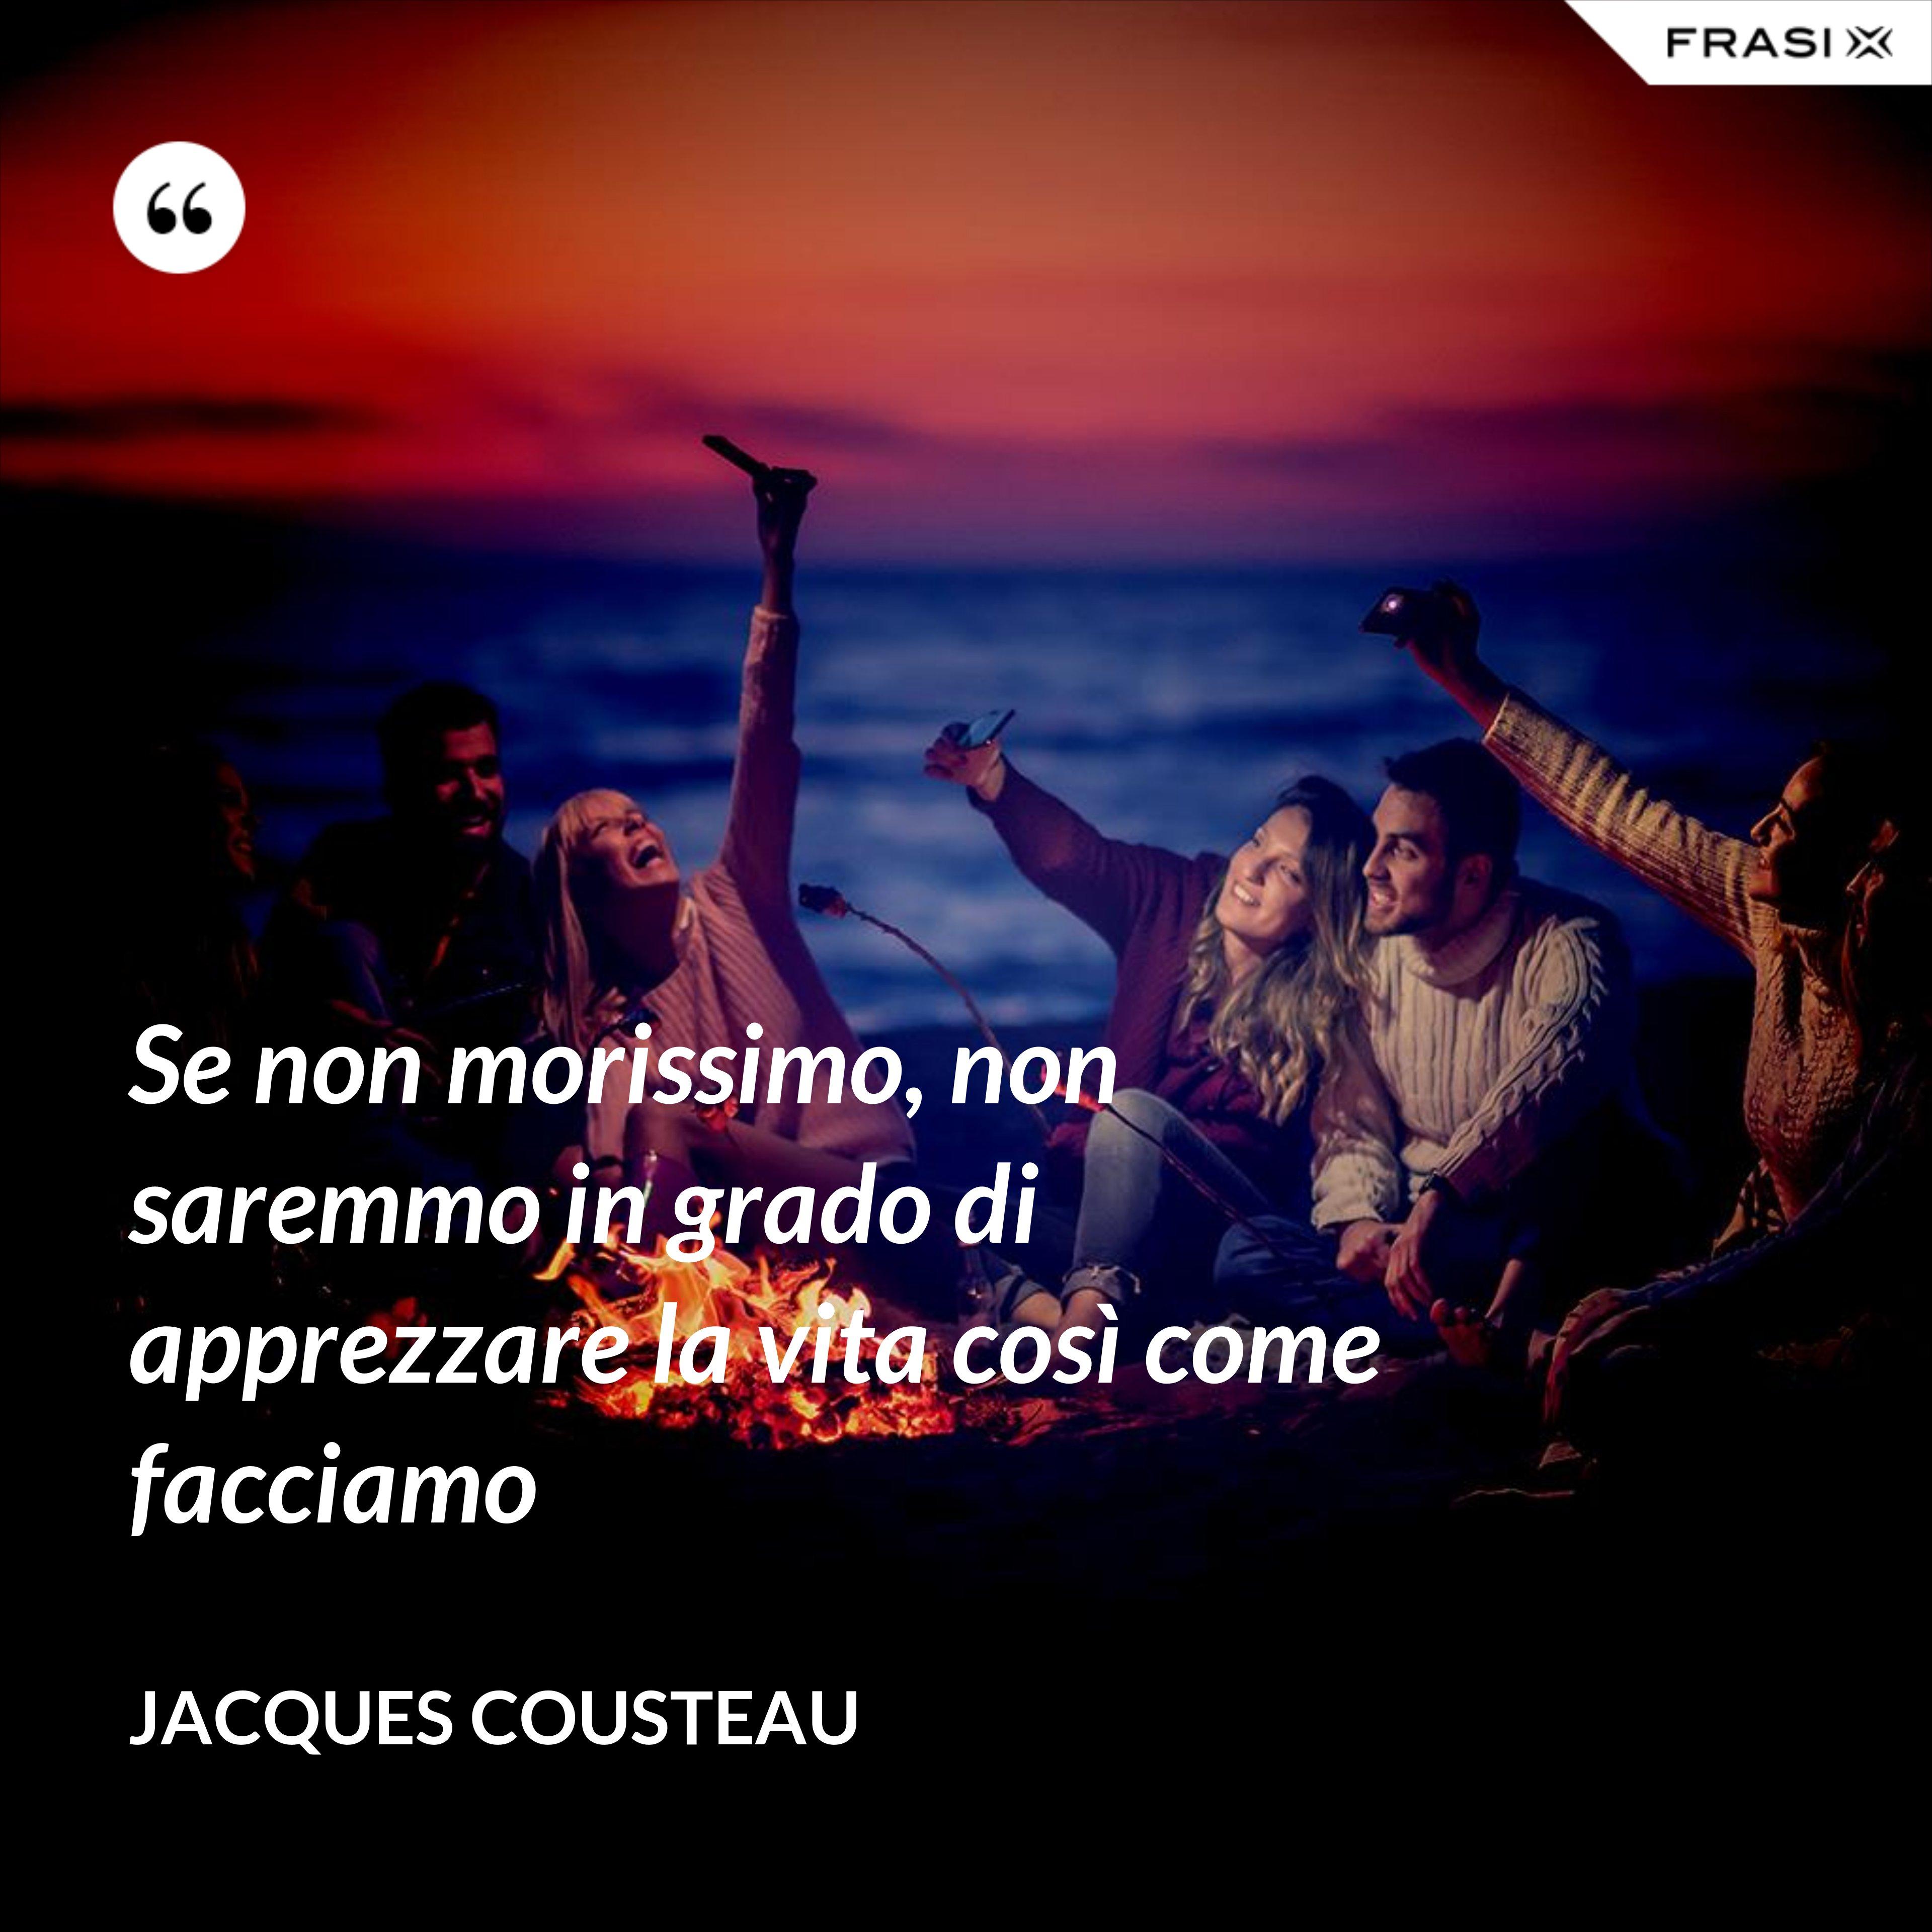 Se non morissimo, non saremmo in grado di apprezzare la vita così come facciamo - Jacques Cousteau